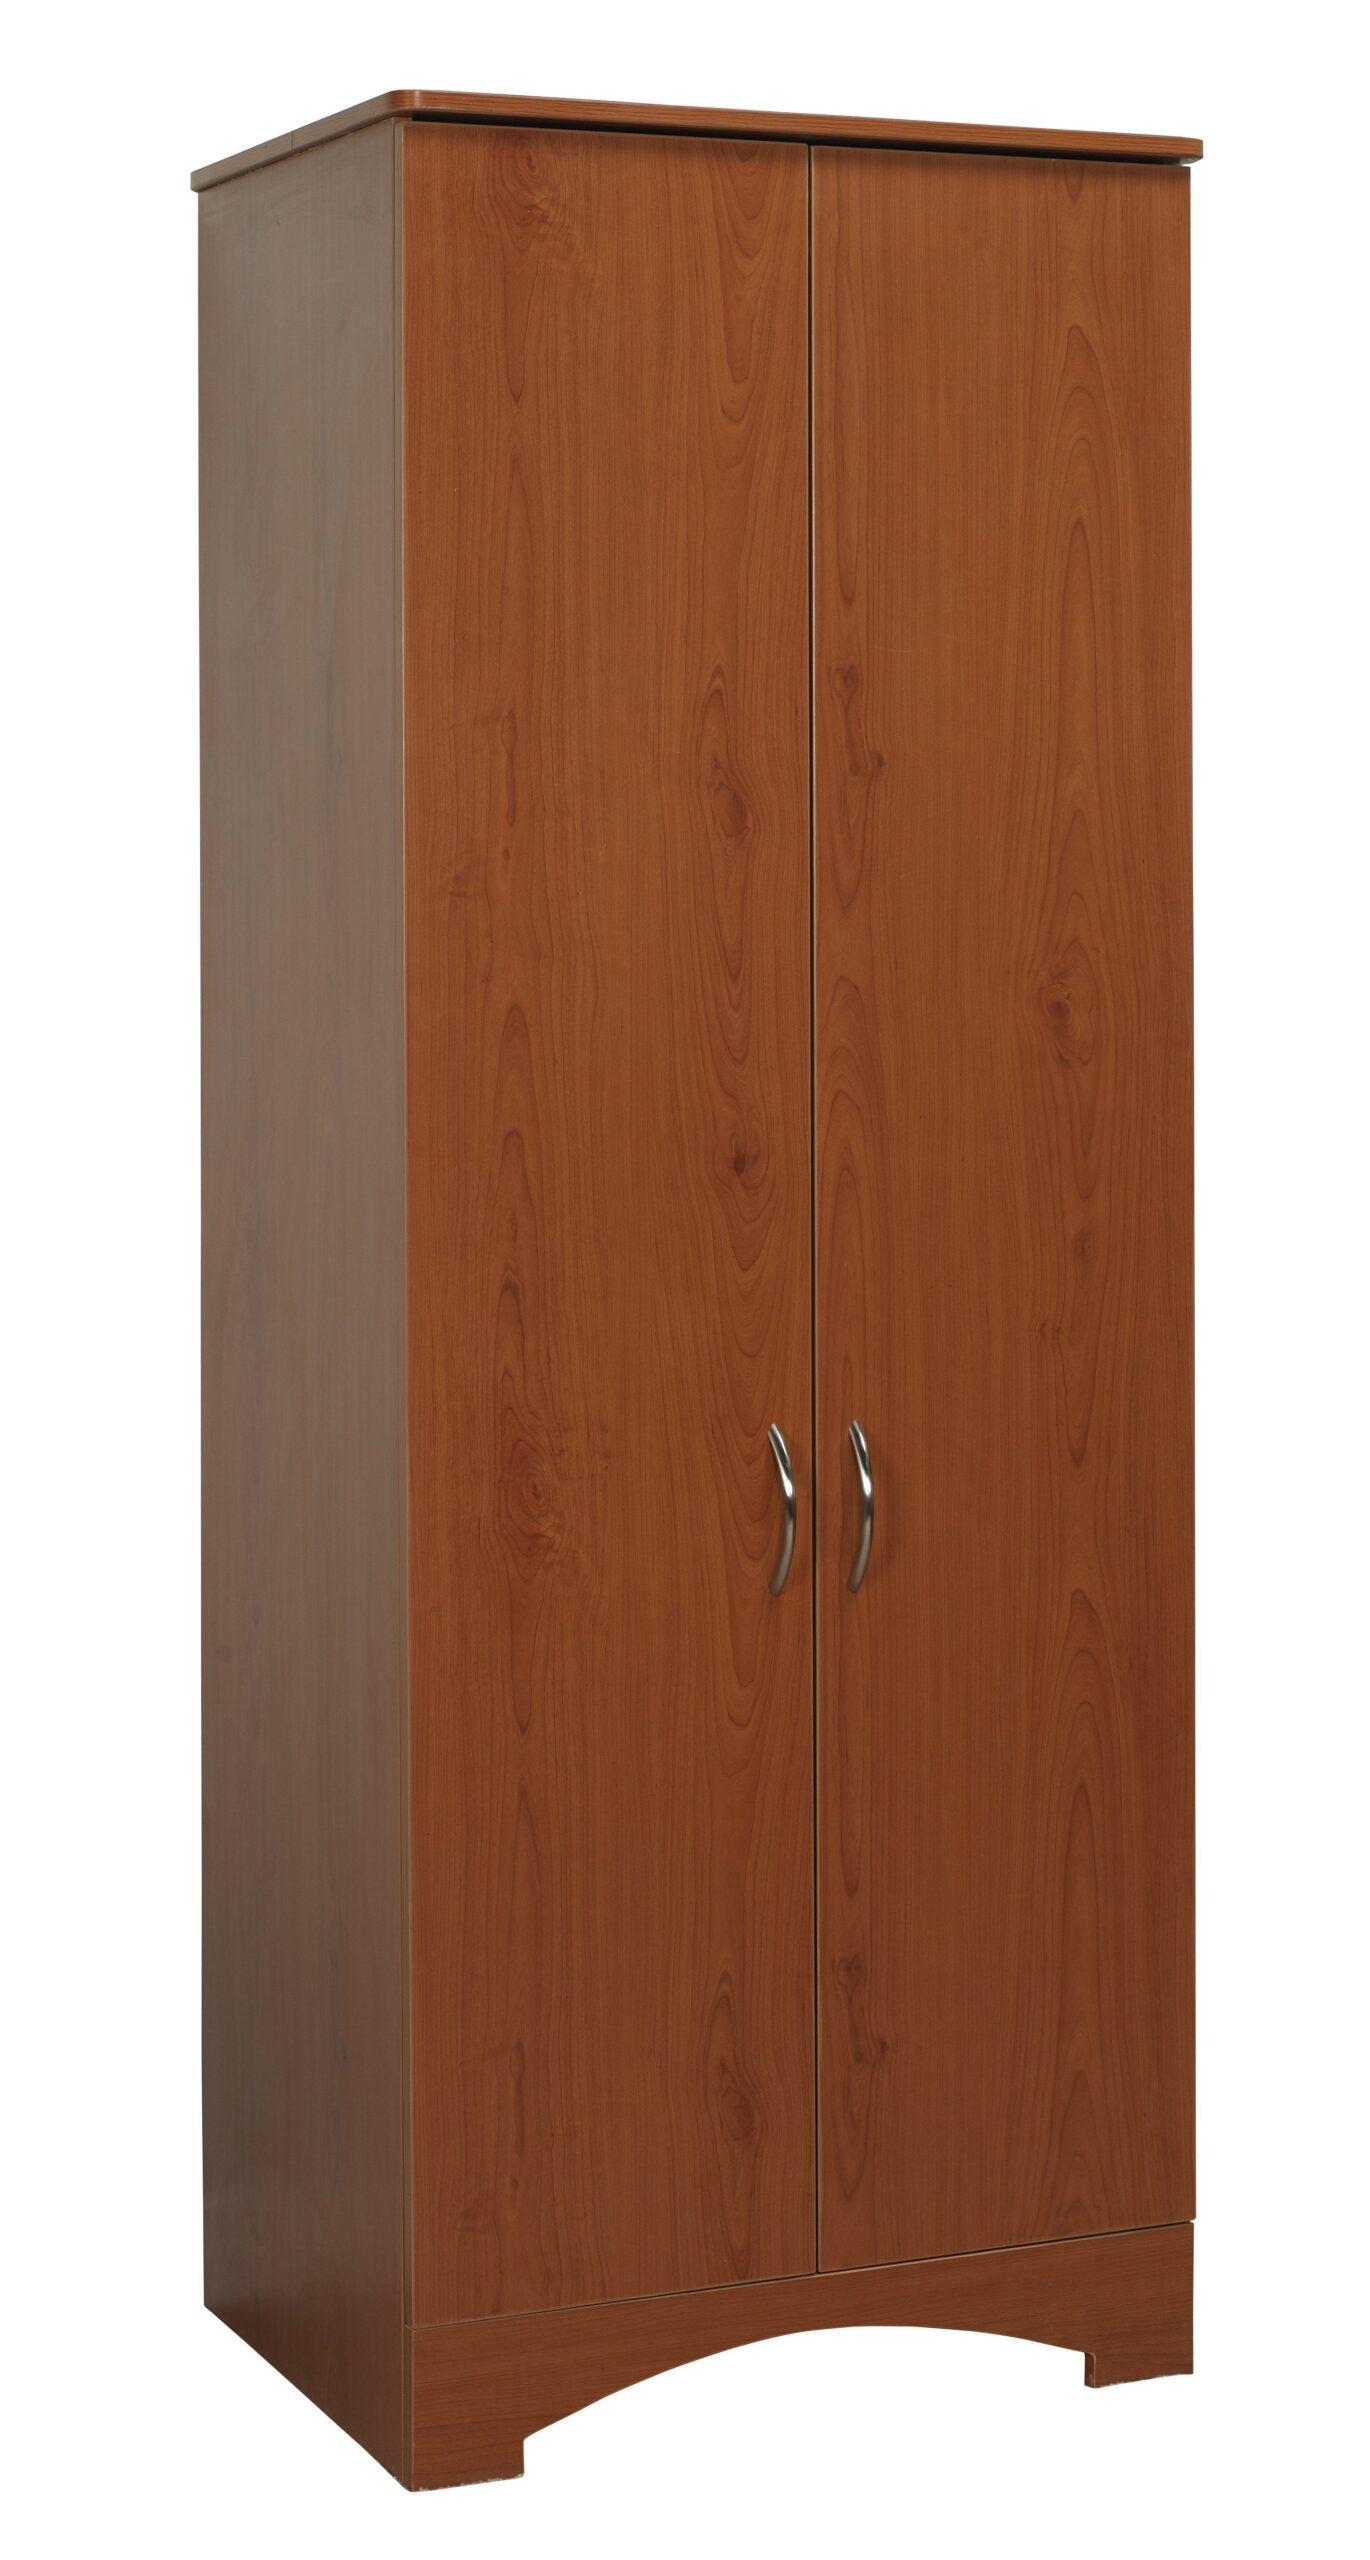 Oslo Wardrobe Lg 2 Door Figured Mahogany